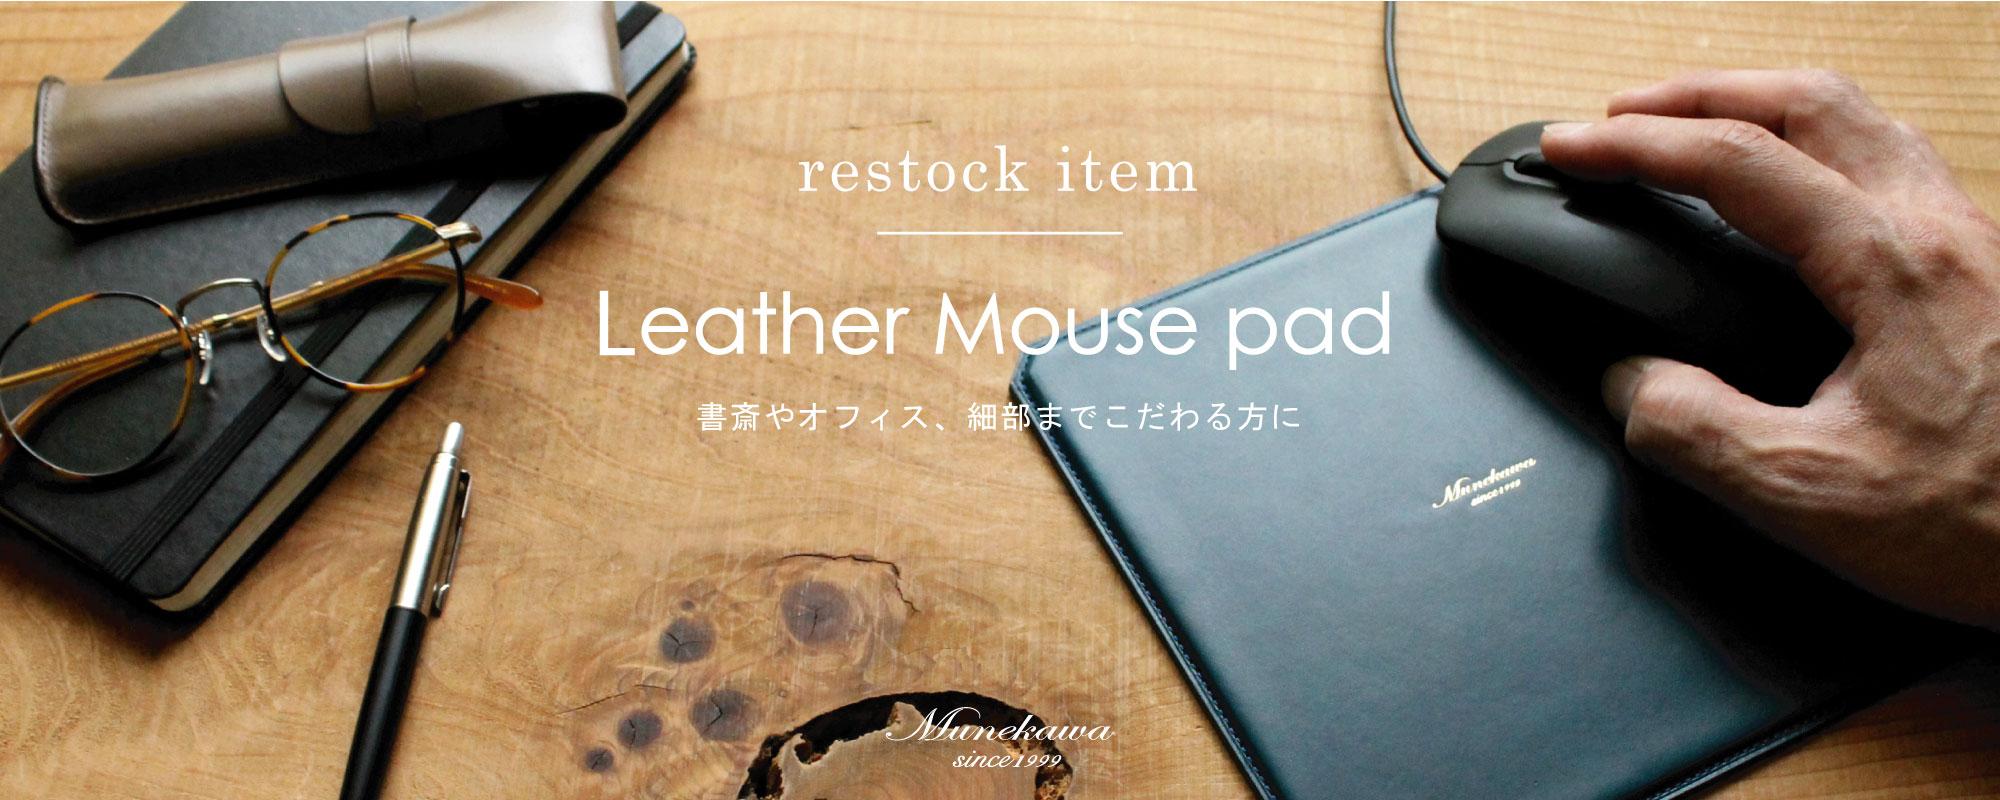 レザーマウスパッド MP500